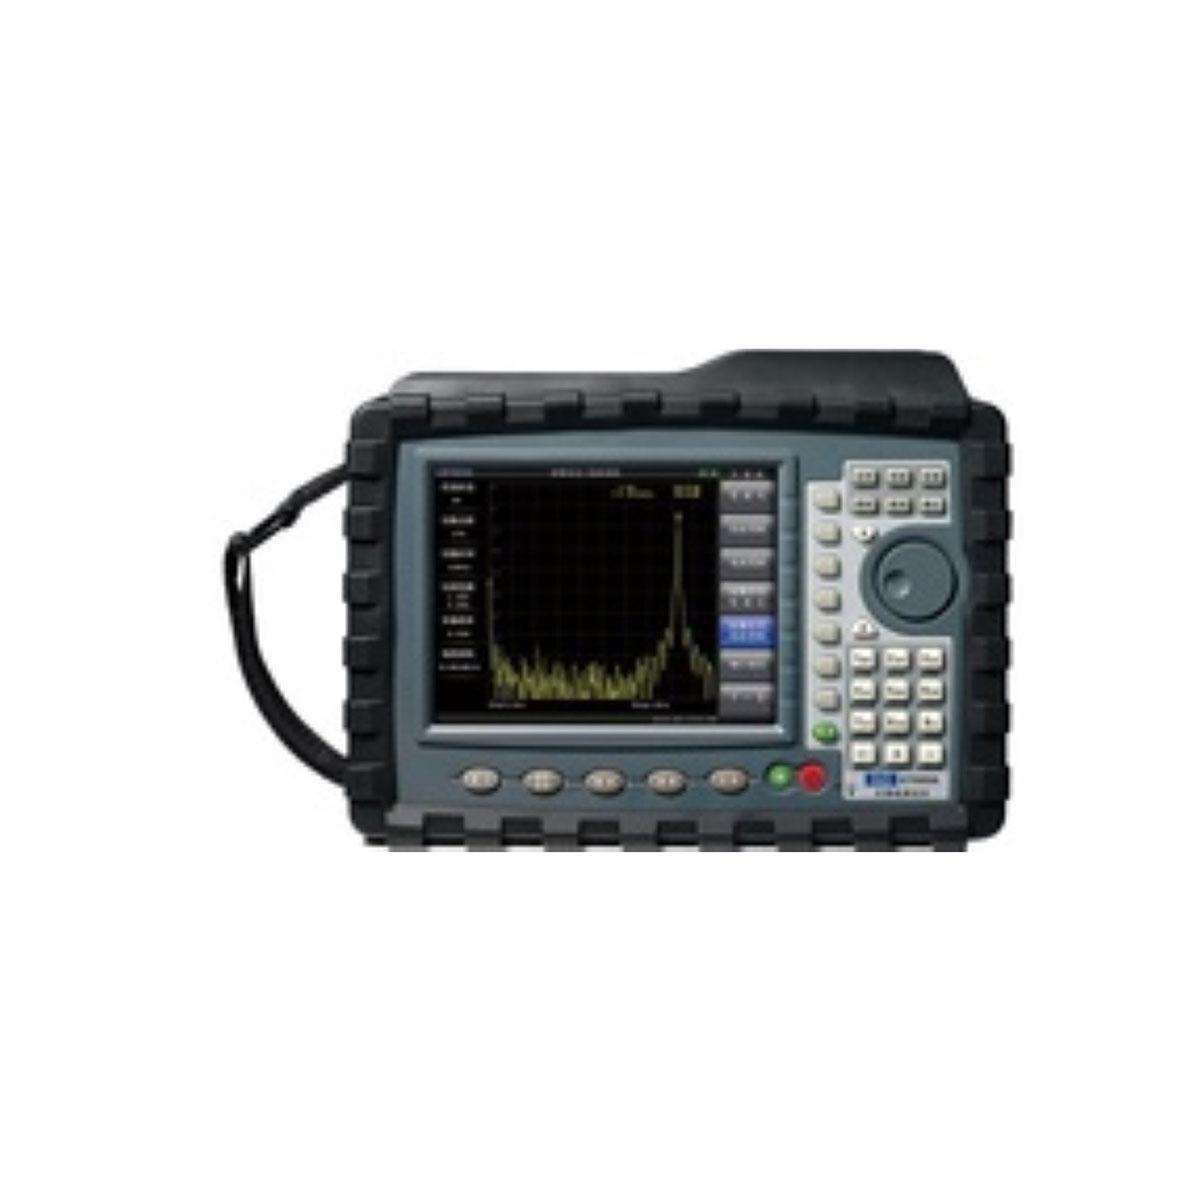 Analizador de Celda RF para cables antenas y espectro DEVISER E7000A-SA 1 MHz a 4 GHz